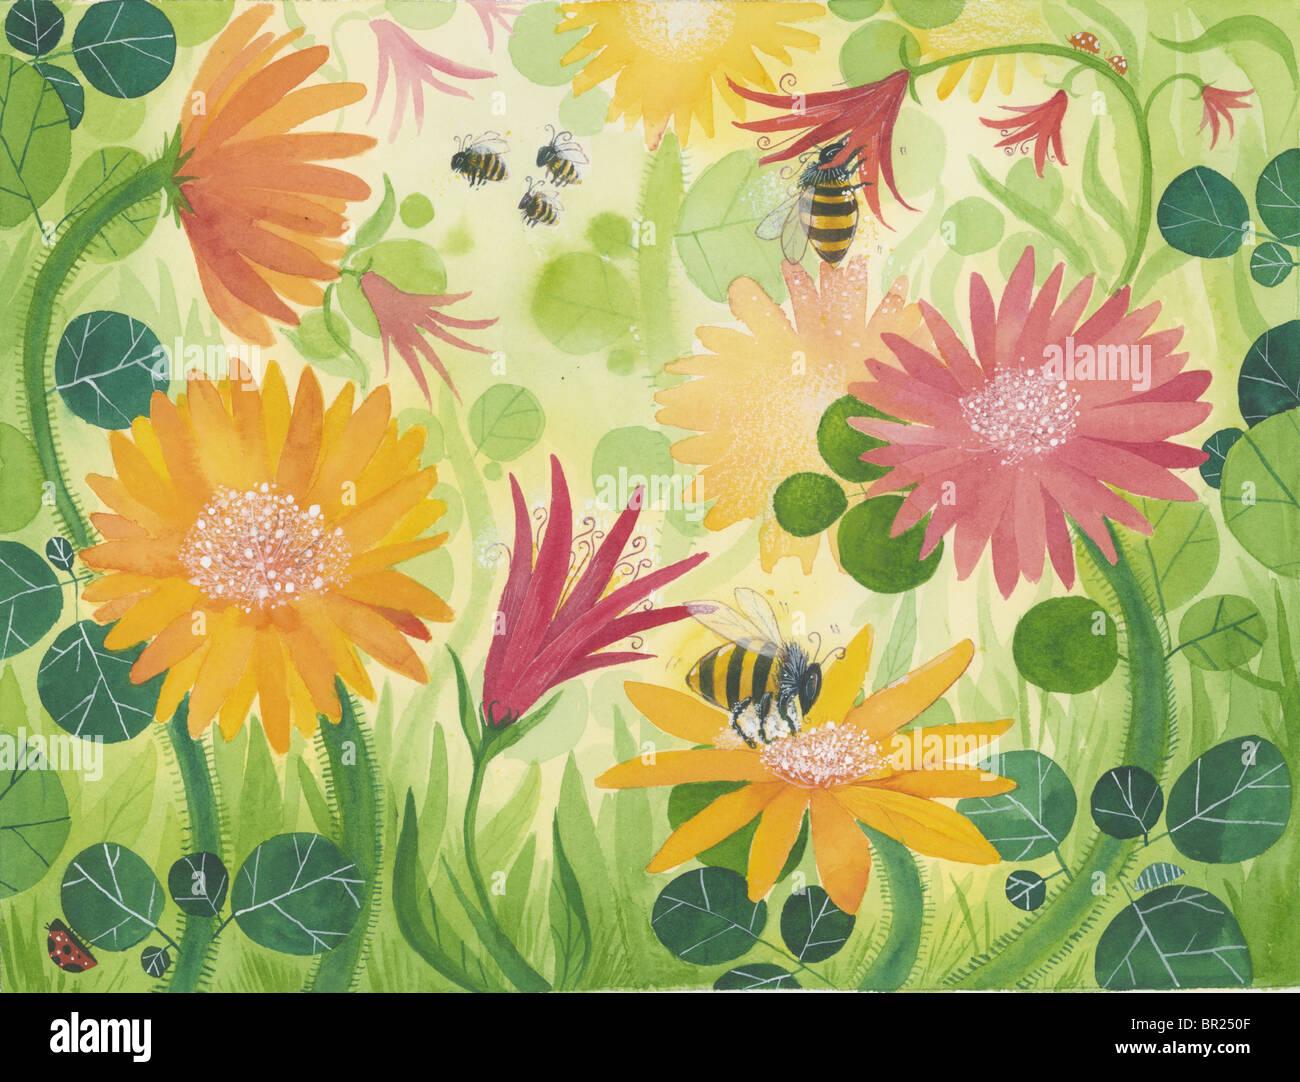 Una foto di fiori di primavera con api Immagini Stock